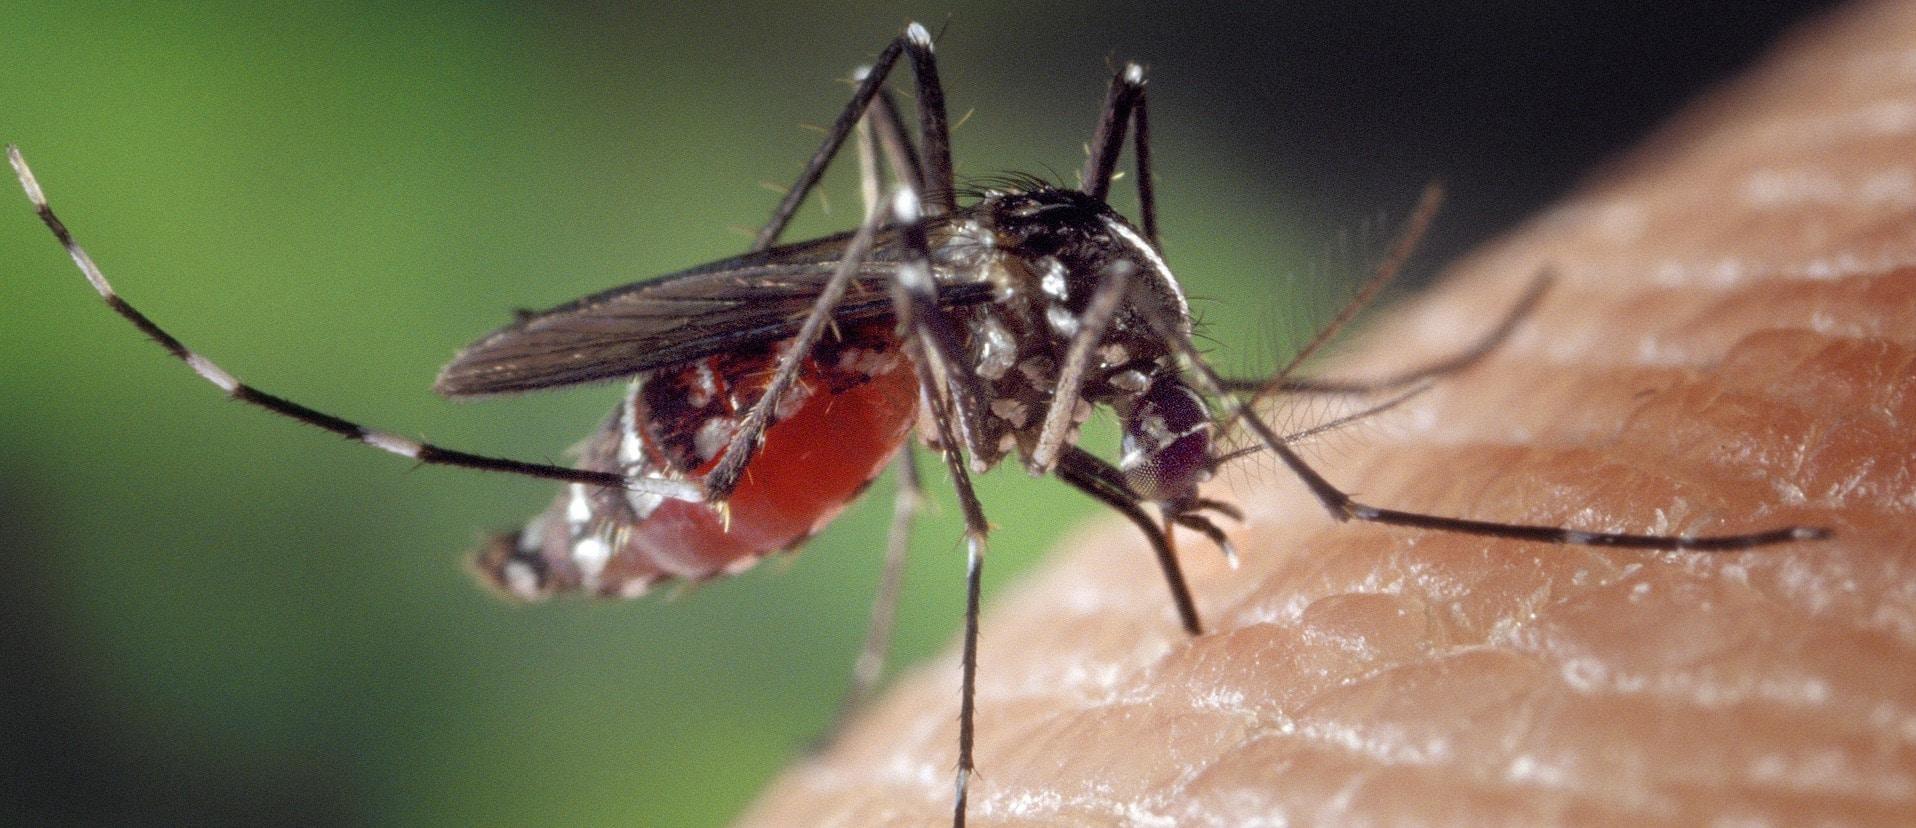 Mückenstichen vorbeugen